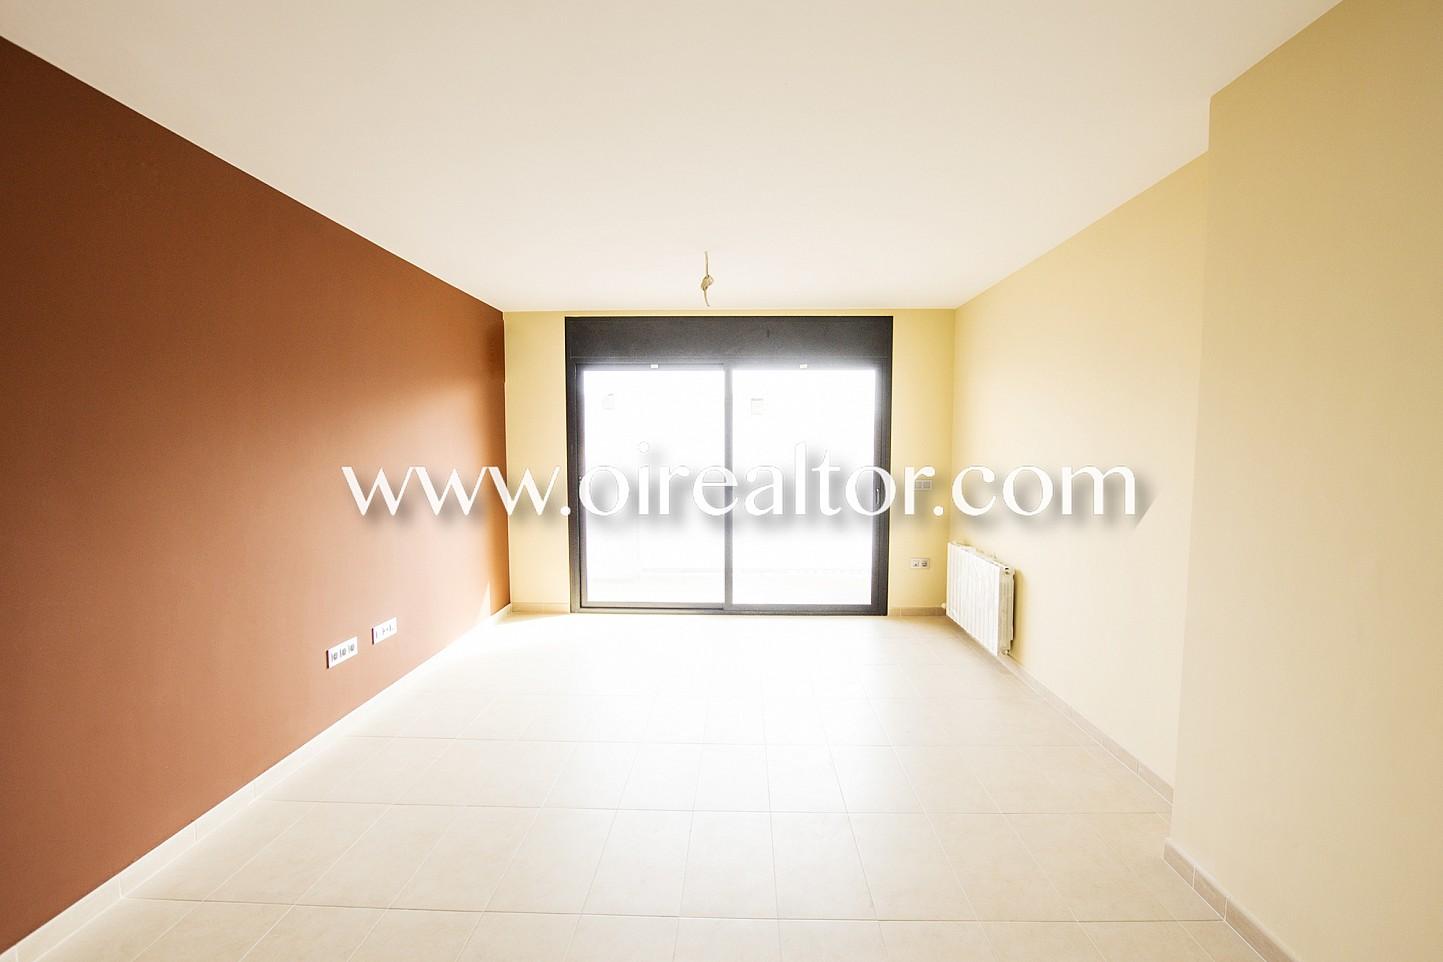 Estupendo segundo piso en venta de obra nueva en calella for Pisos obra nueva barcelona